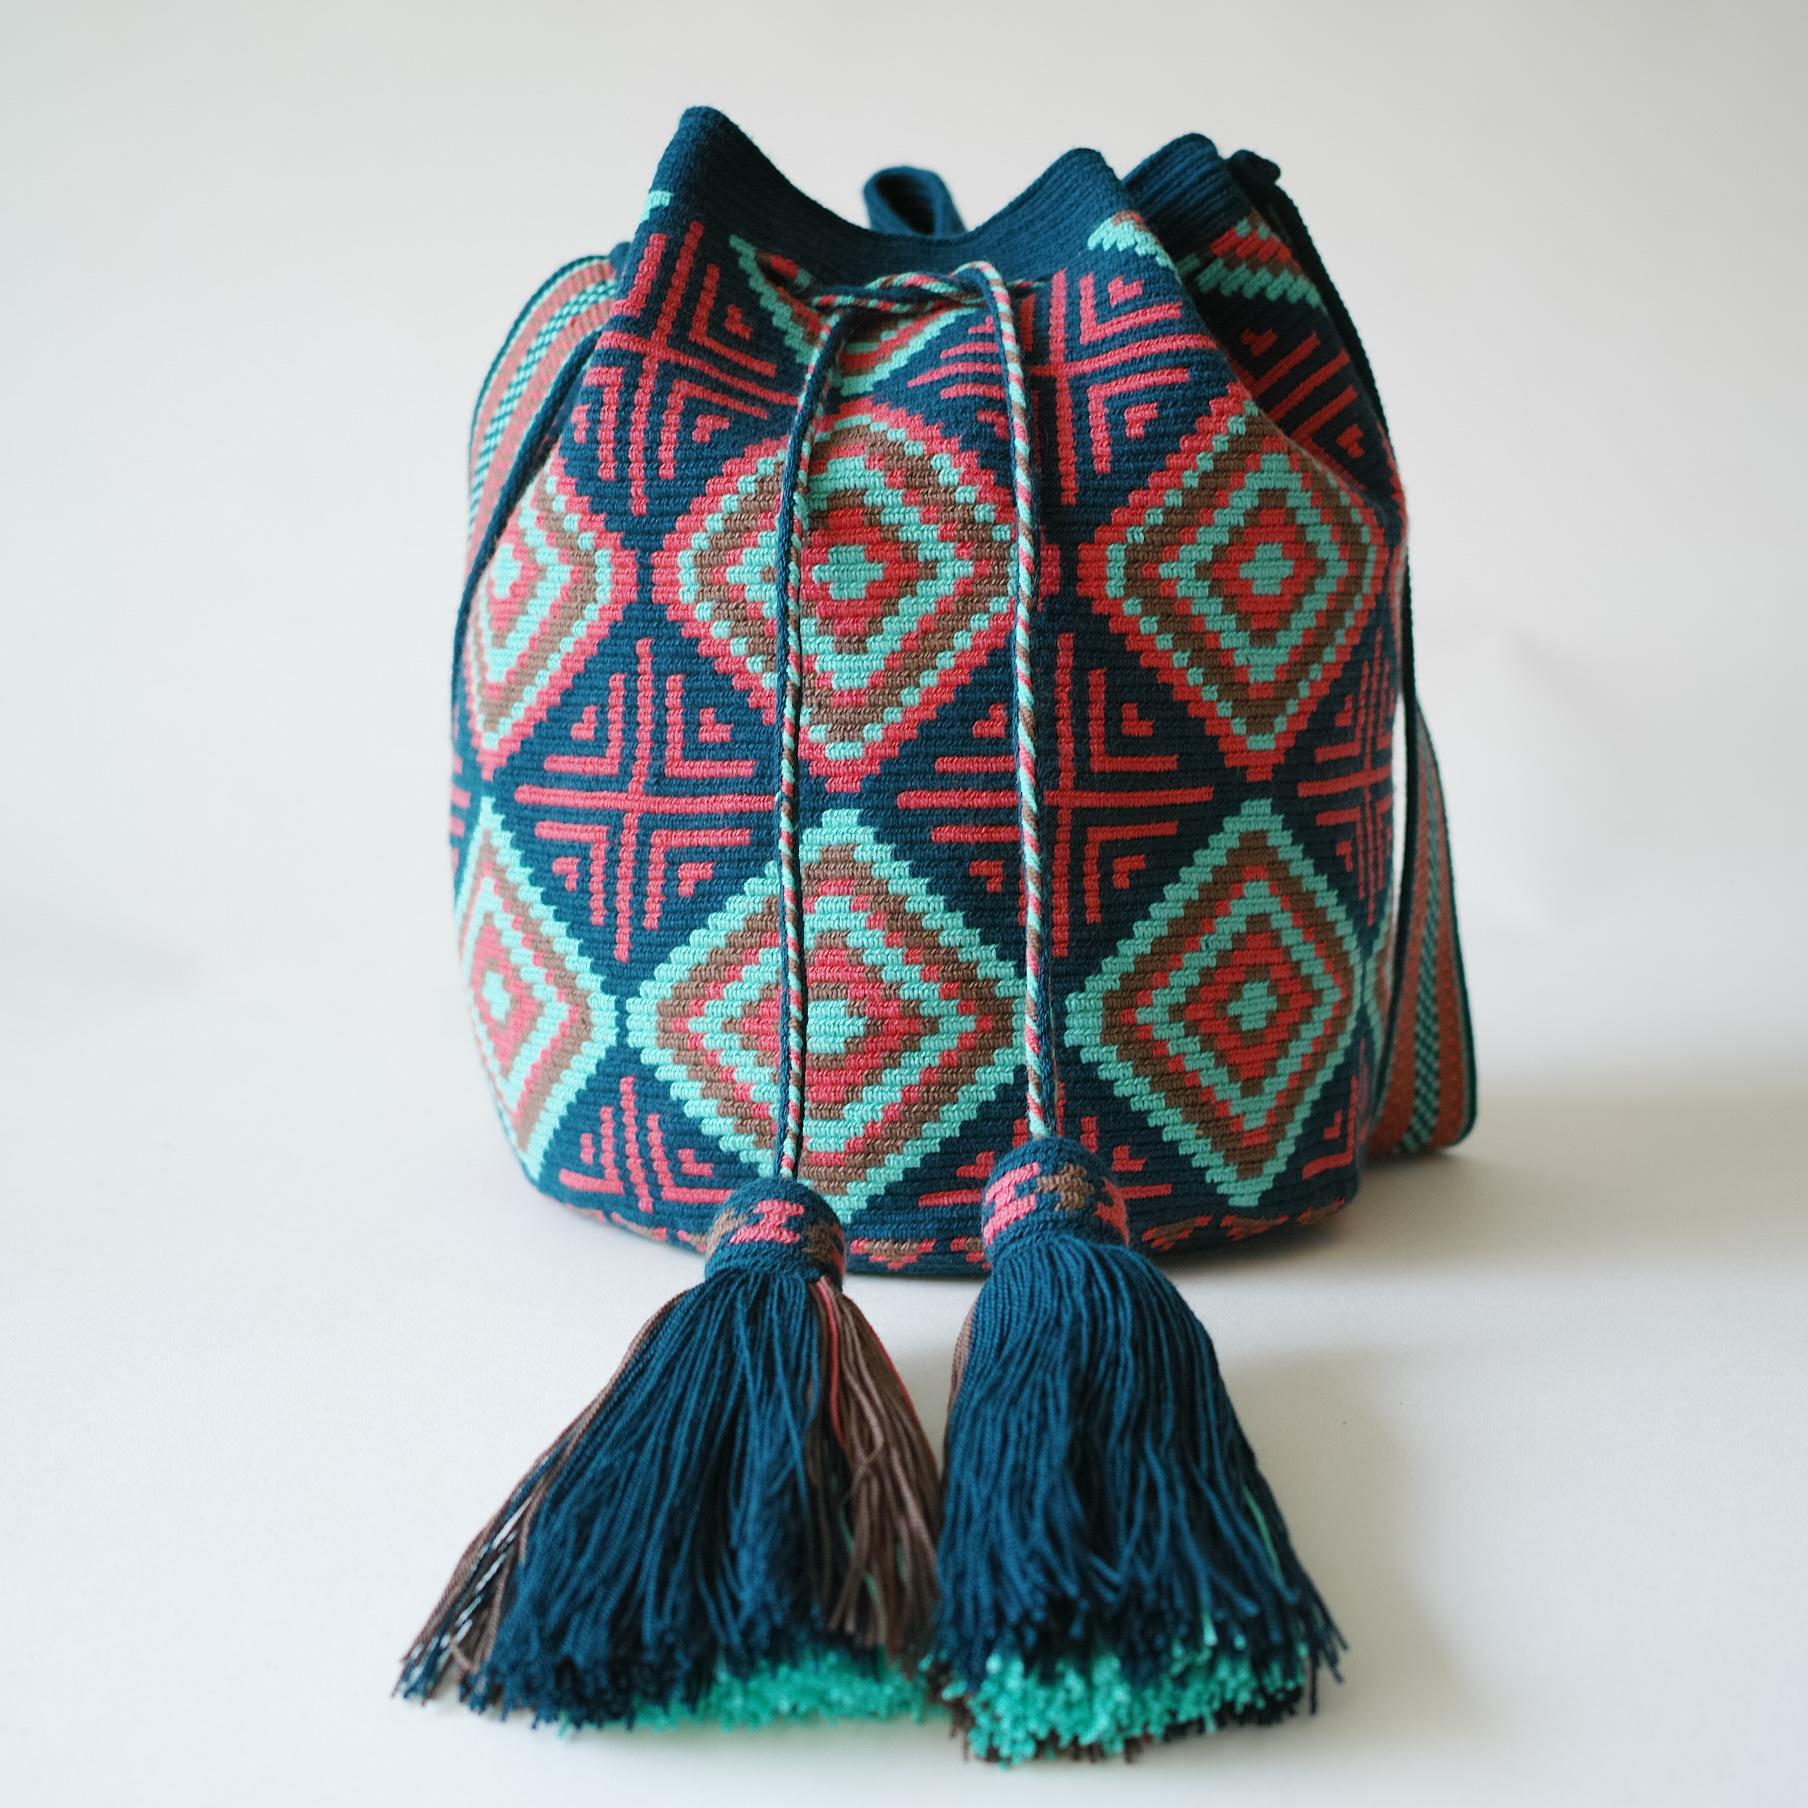 热卖哥伦比亚wayuu部落手工编织瓦尤包水桶包单股大号灰菱形十字花